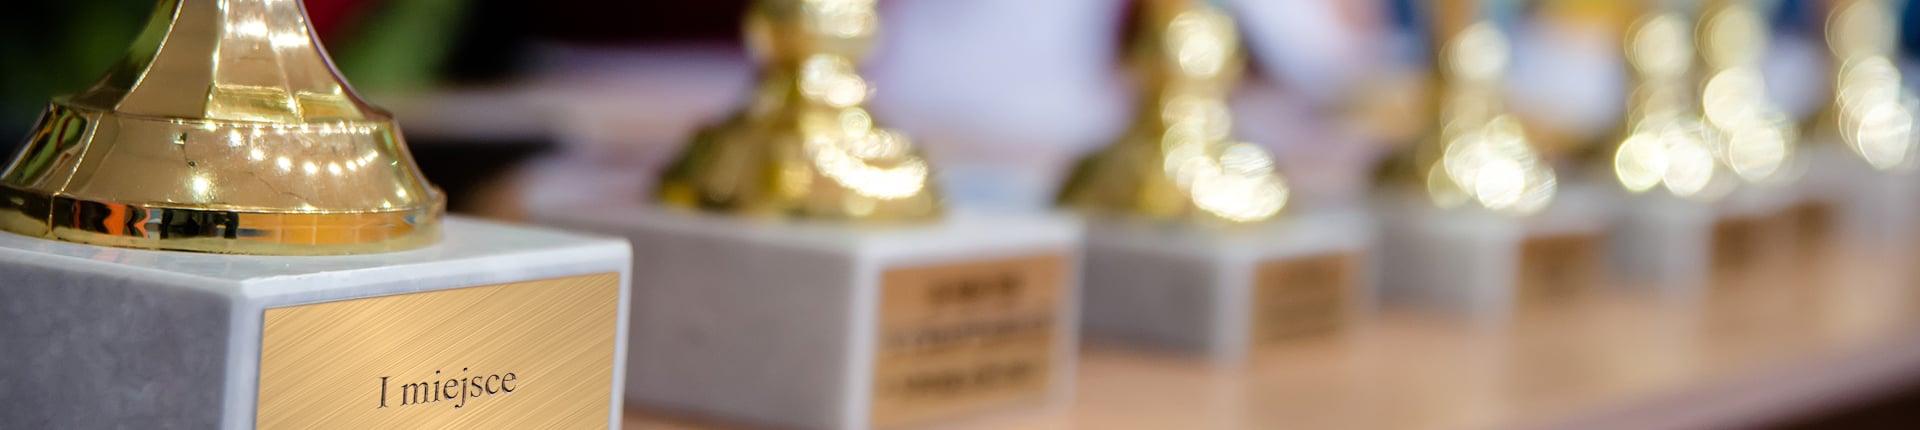 Sensacja roku: Dwóch zawodowych Mistrzów Świata z Polski!